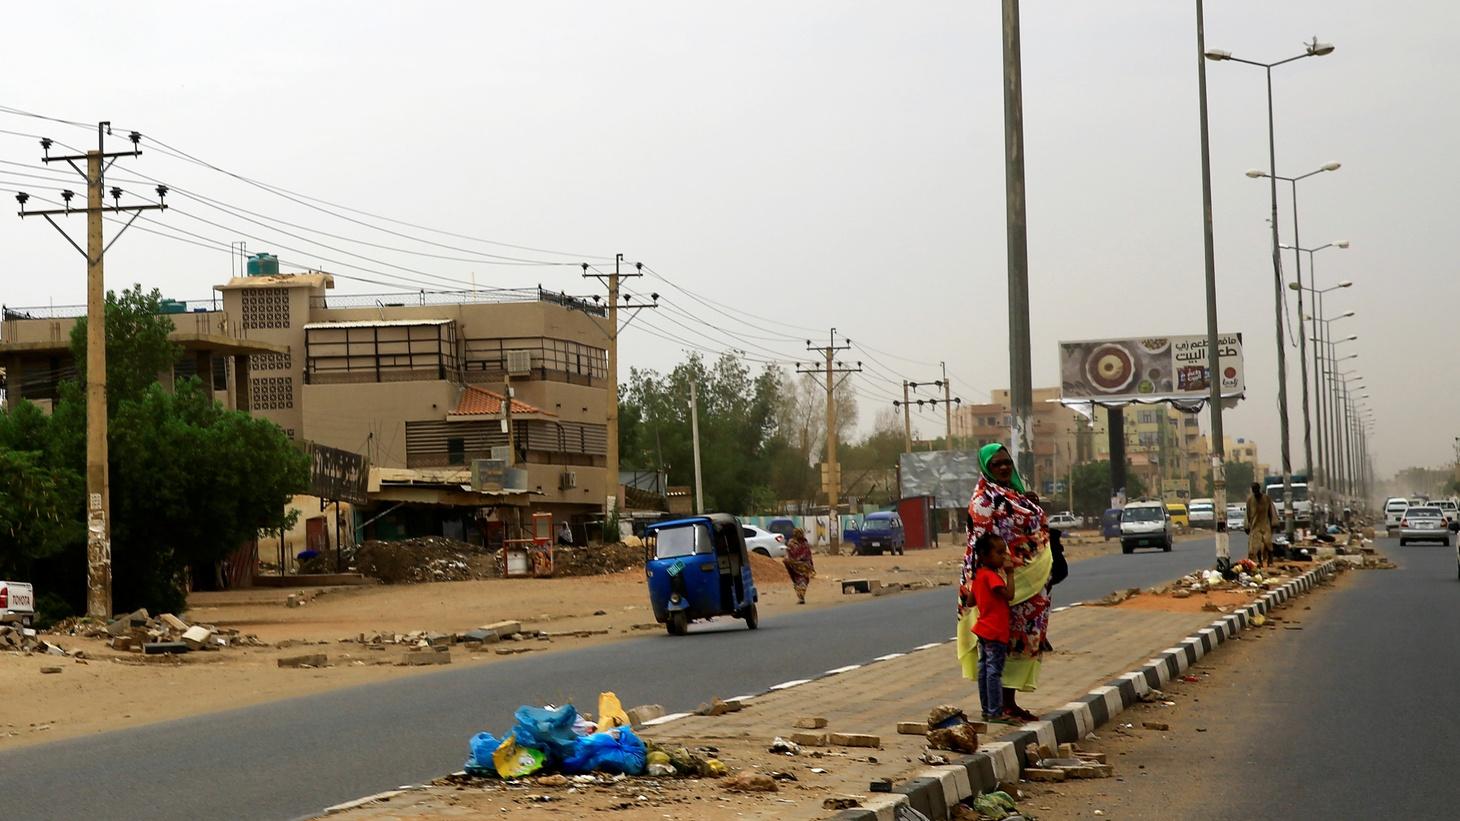 A street in Khartoum, Sudan, June 11, 2019.